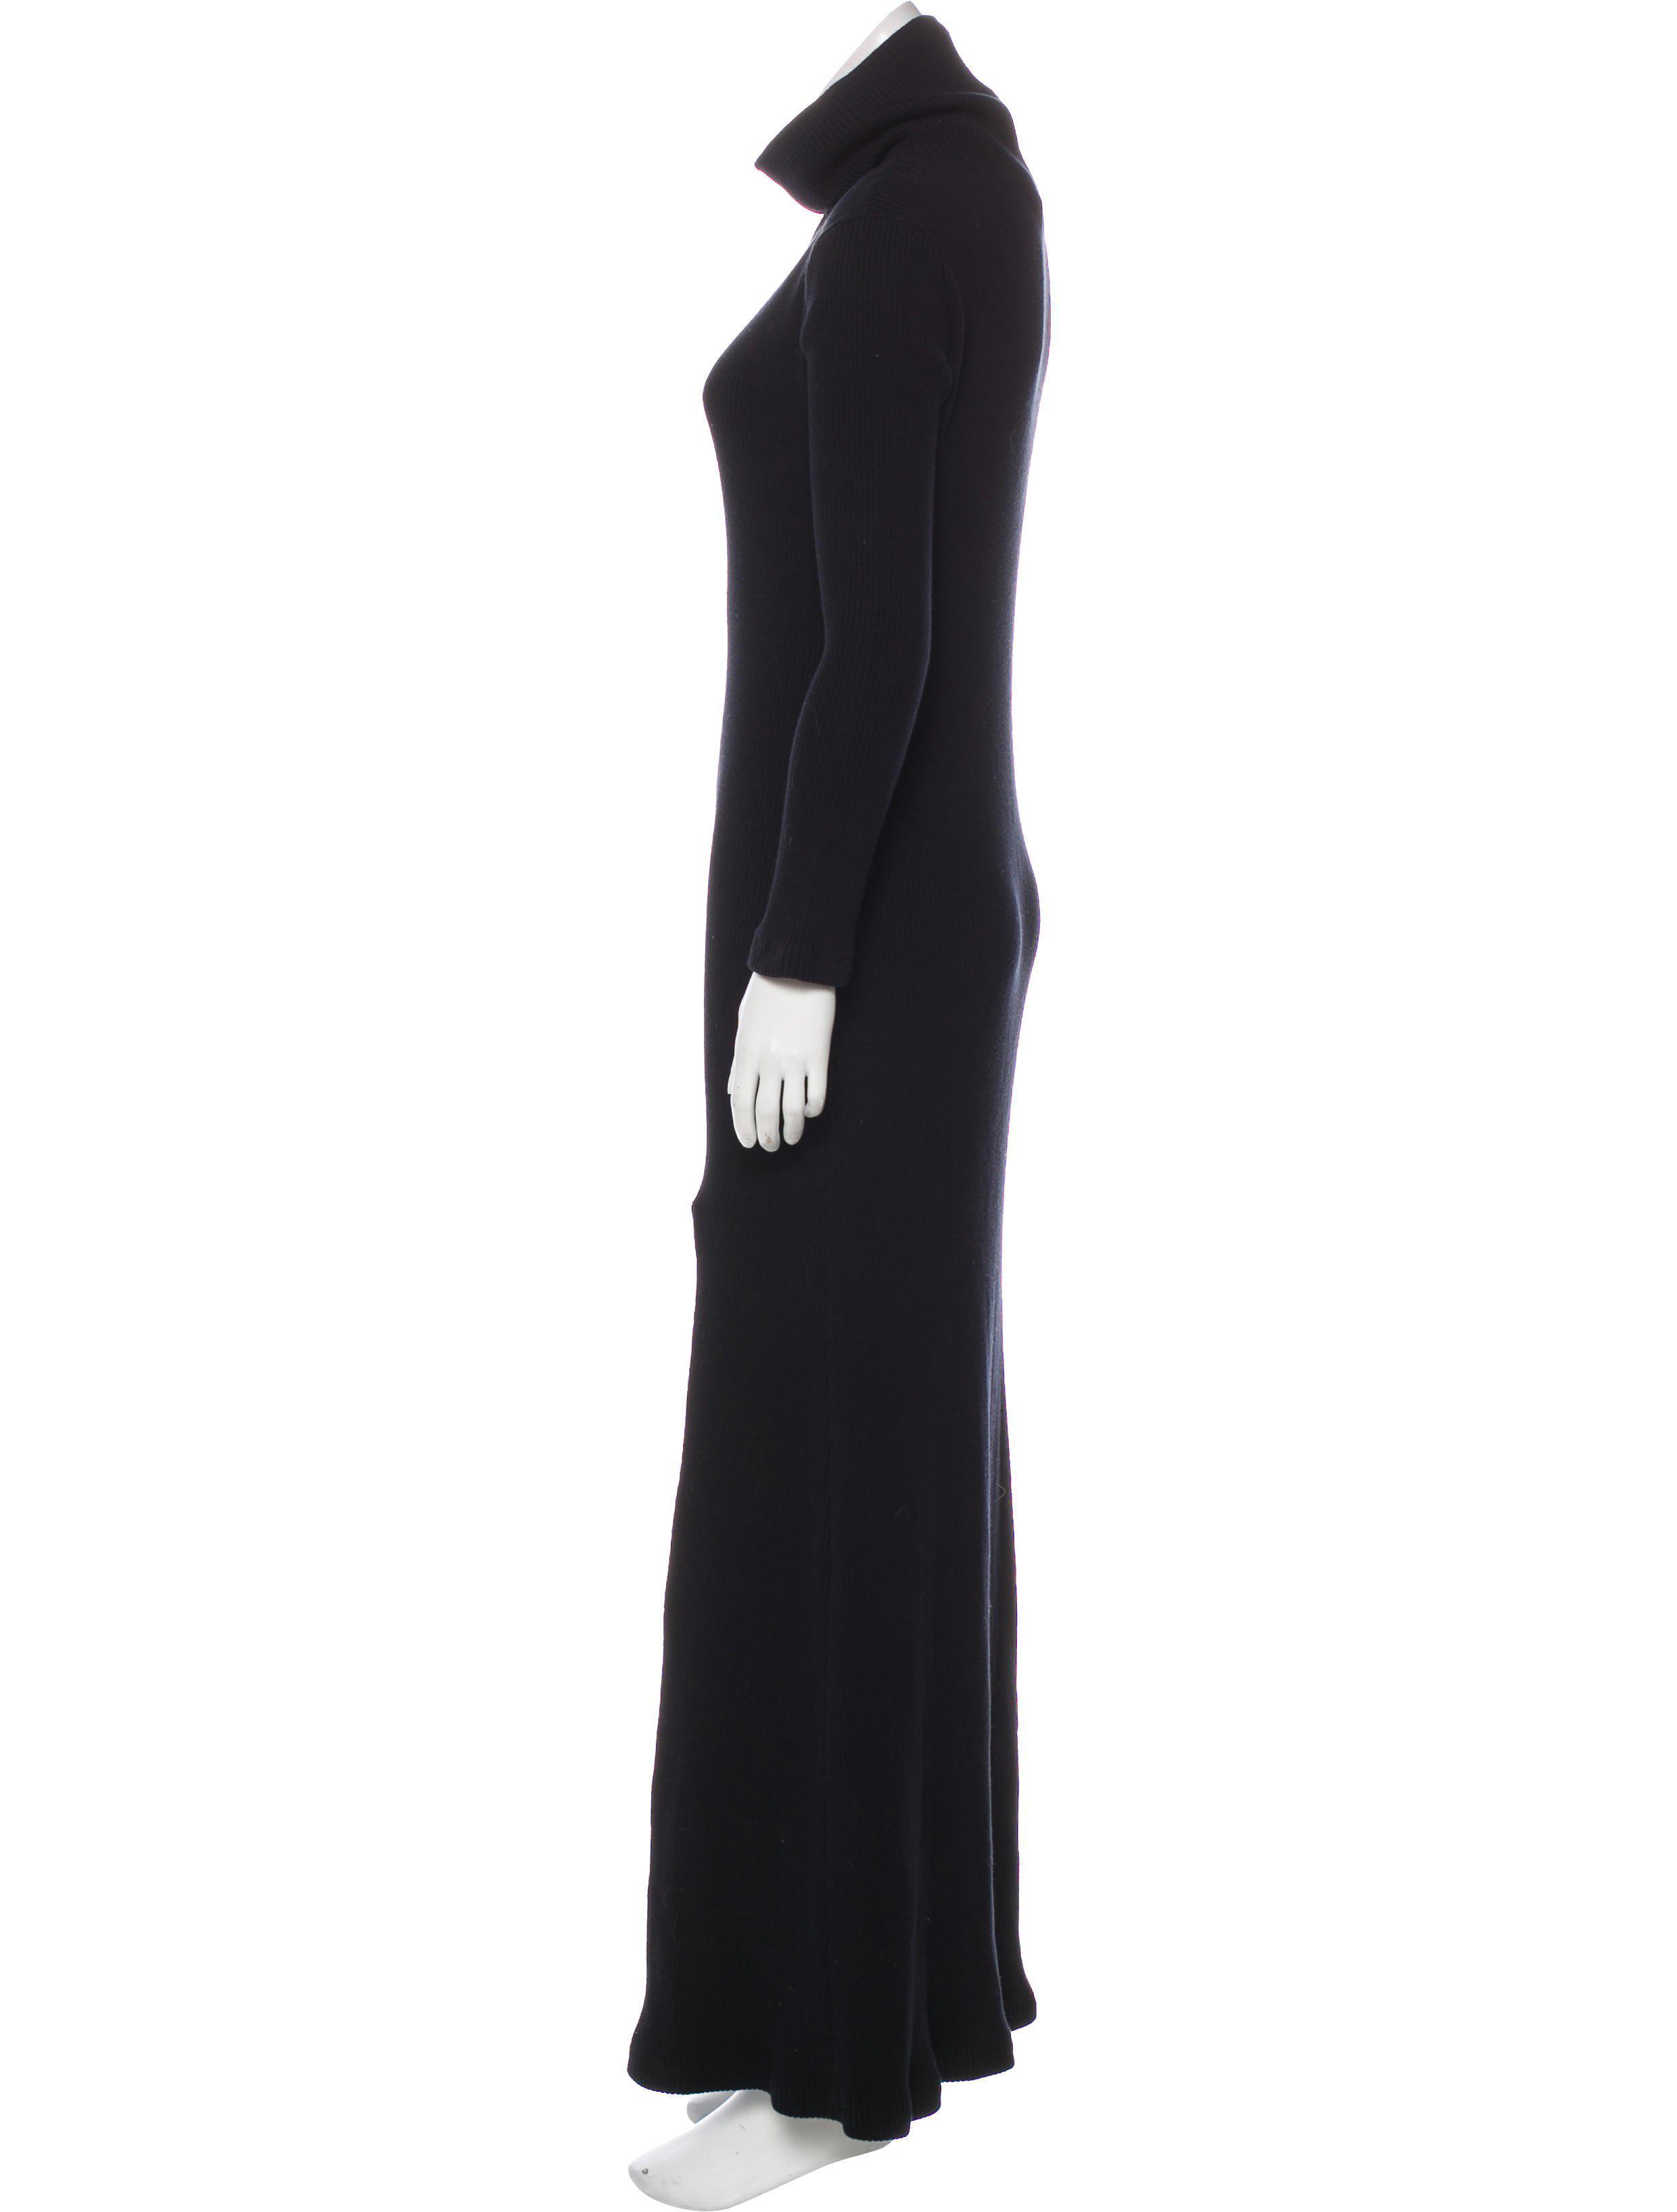 Lyst - Baja East Turtleneck Sweater Dress in Black